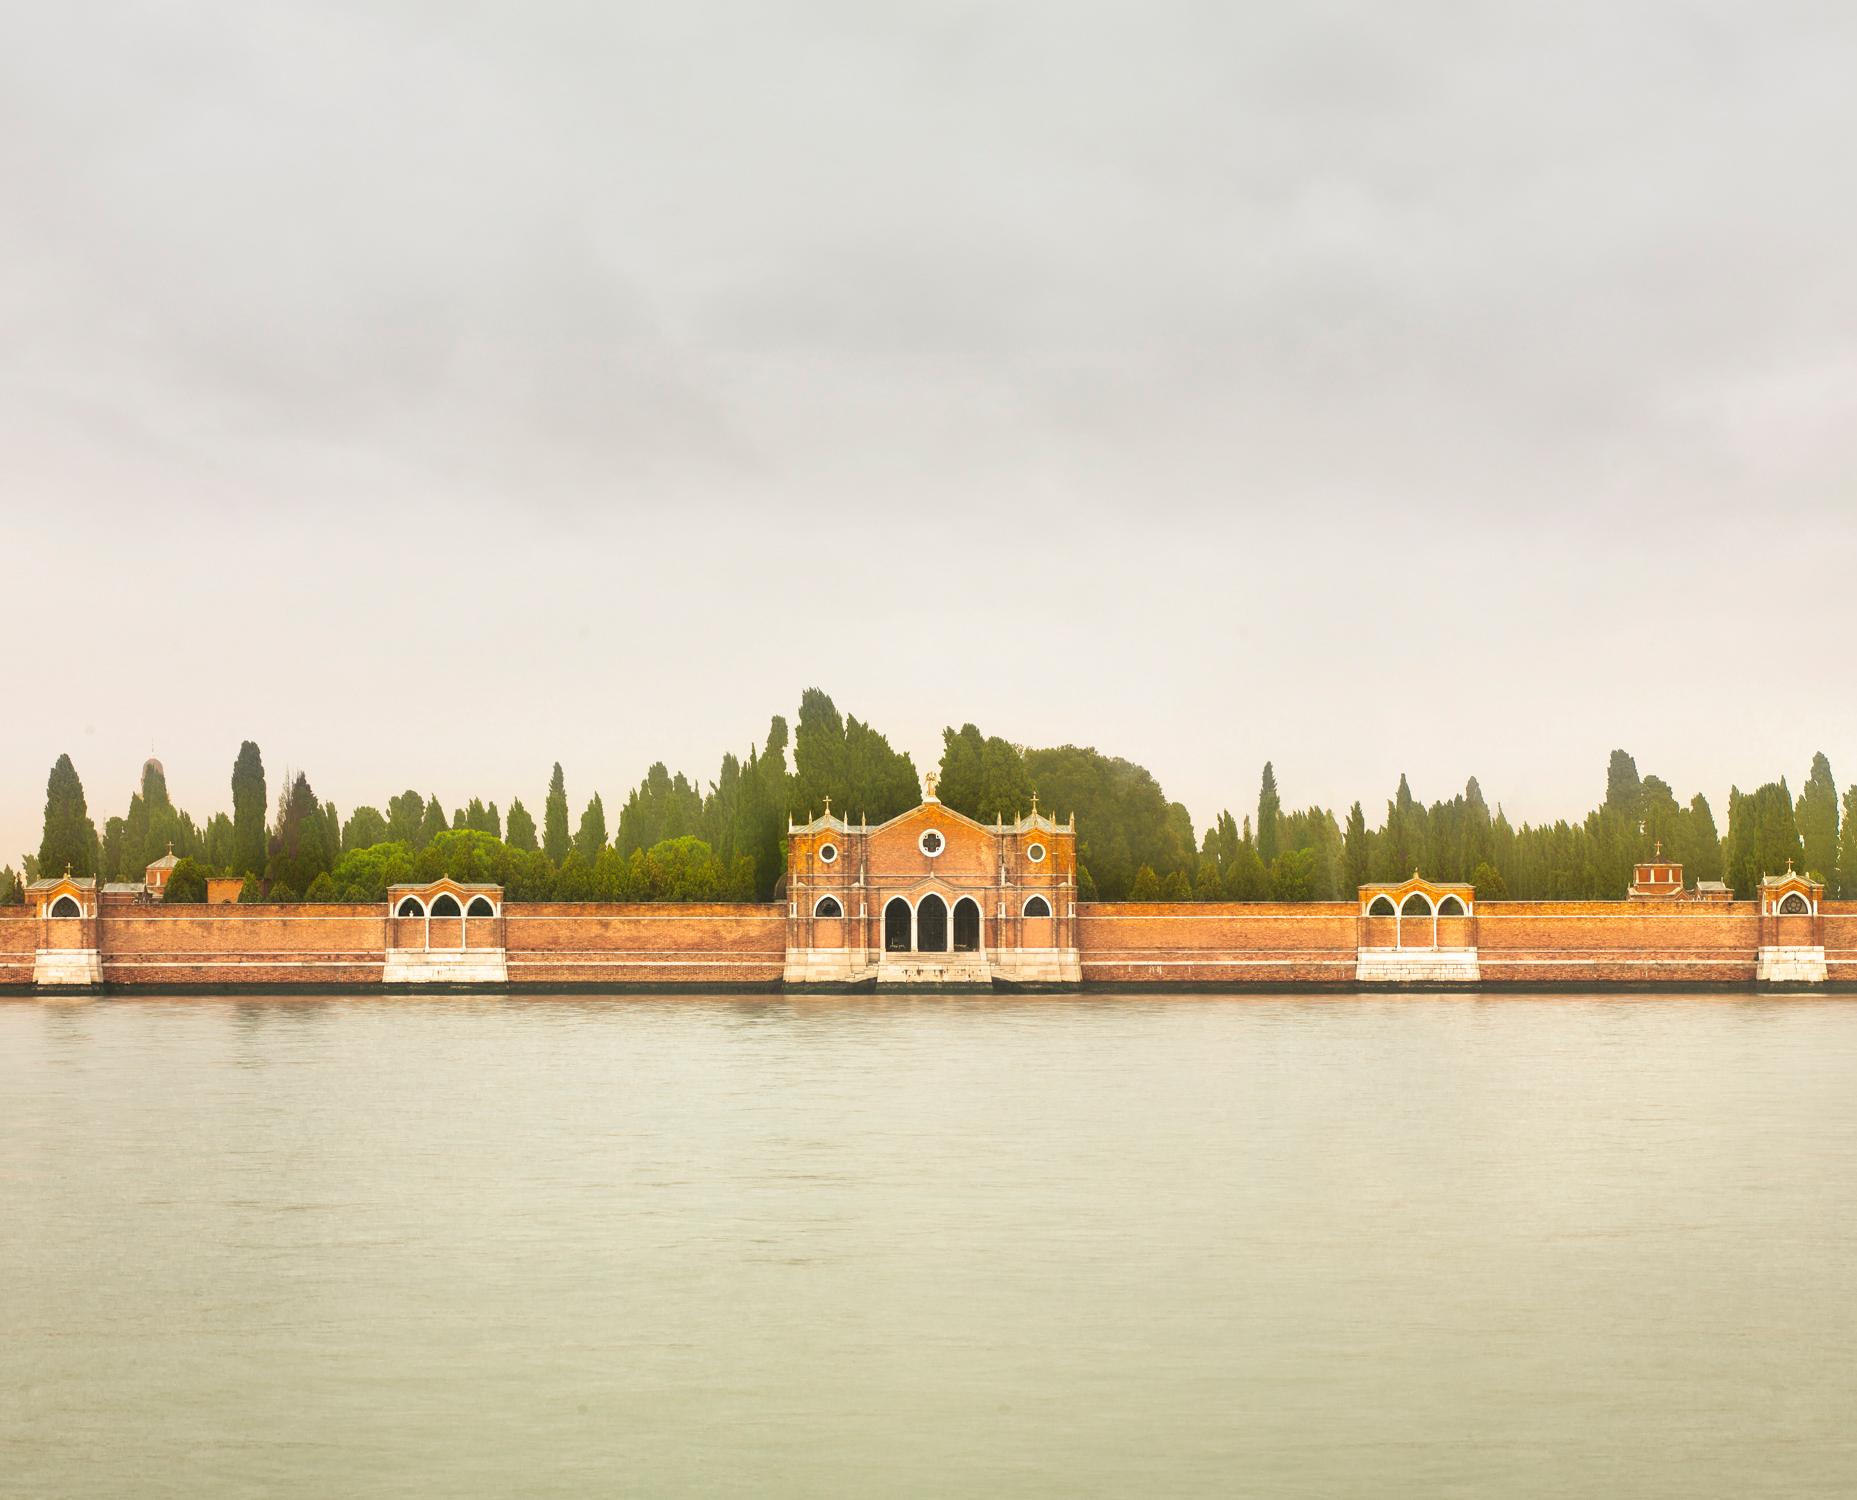 Isola di San Michele, Venice, Italy, 2016